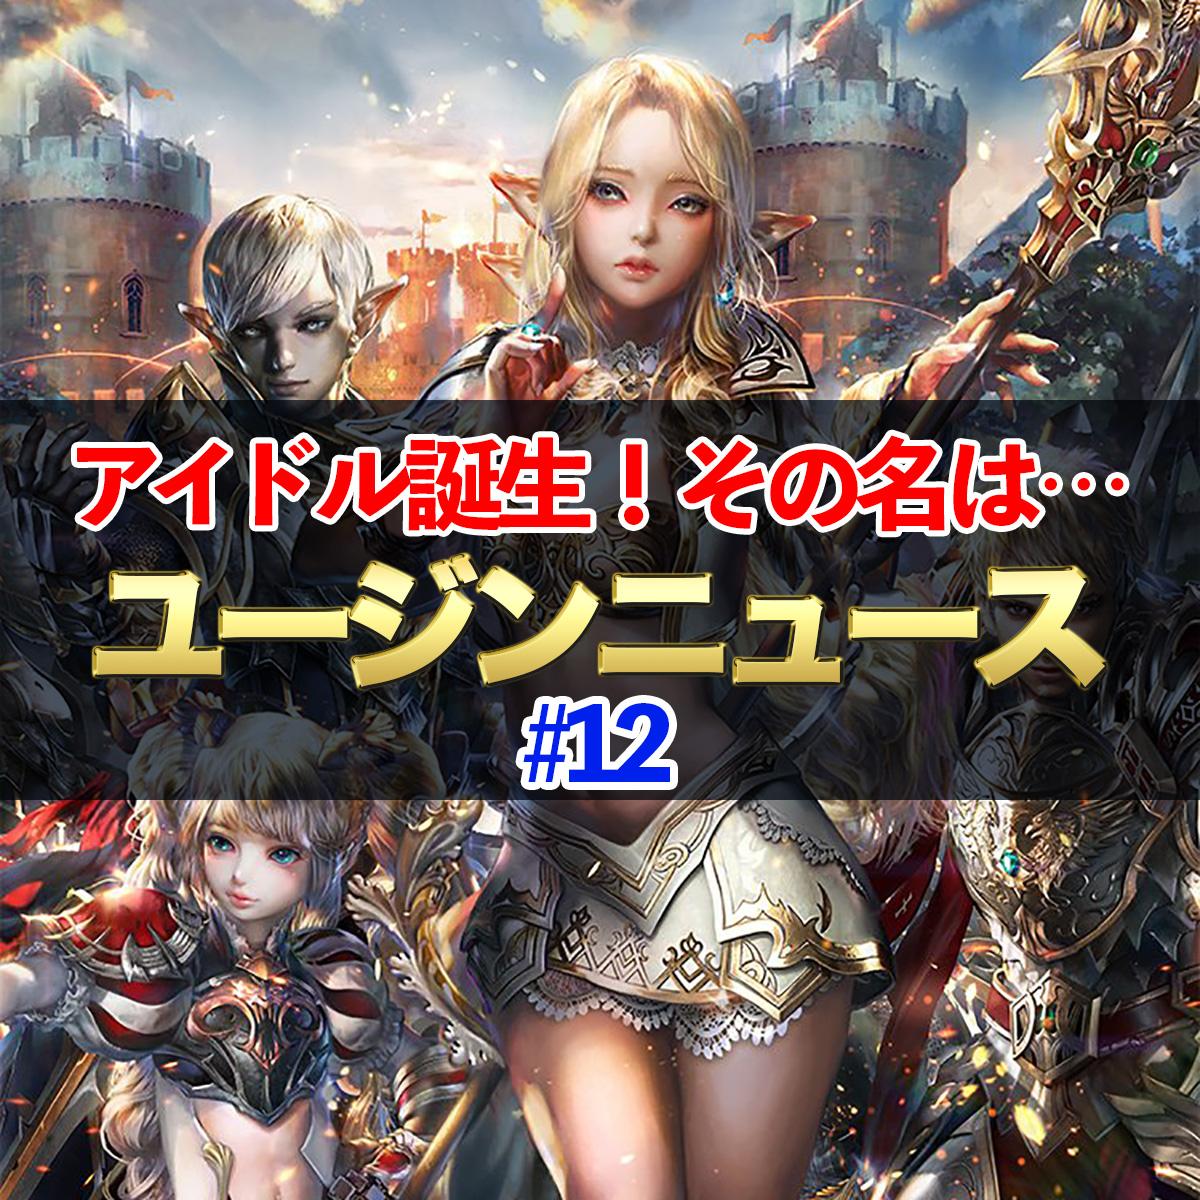 【リネレボ】アイドル誕生! その名は… ユージンニュース#12